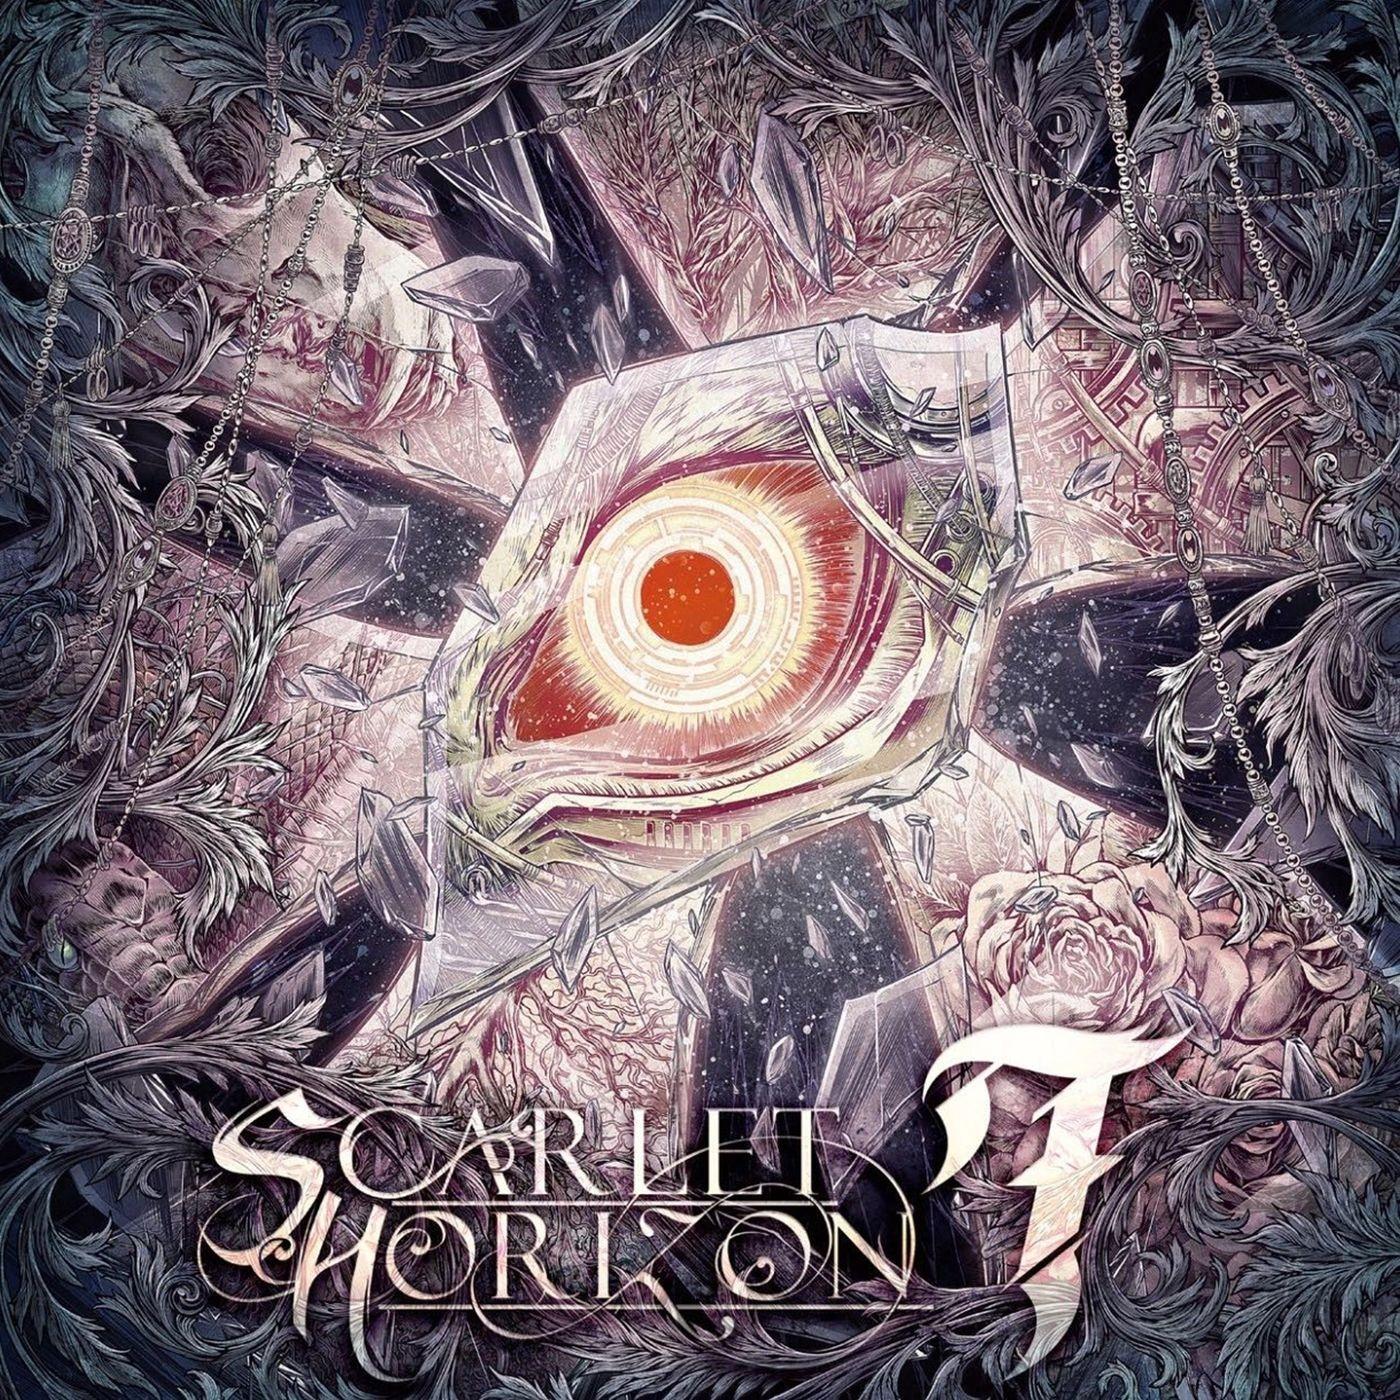 Scarlet Horizon - 7 (2019)